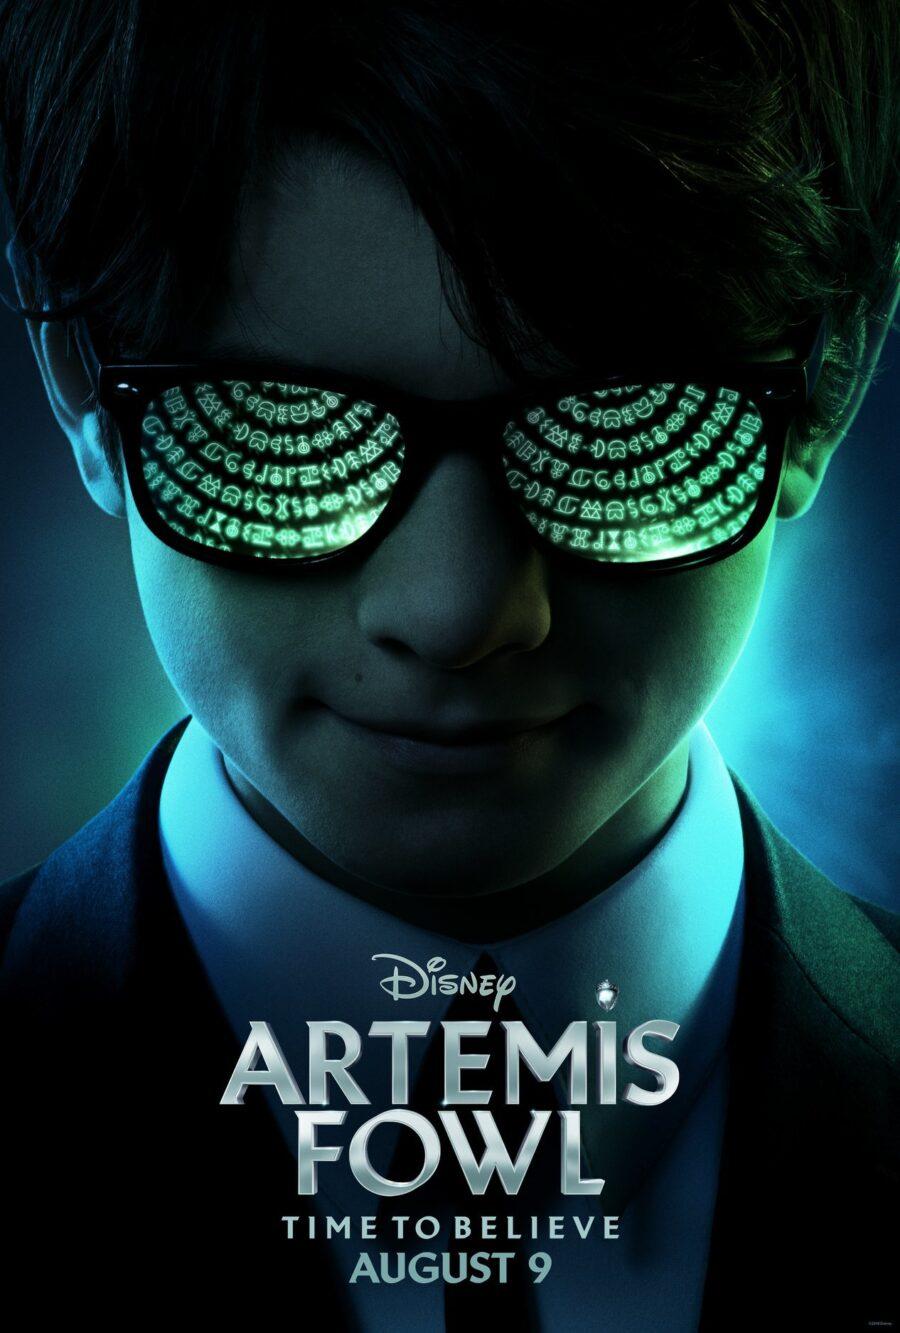 Artemis Foul